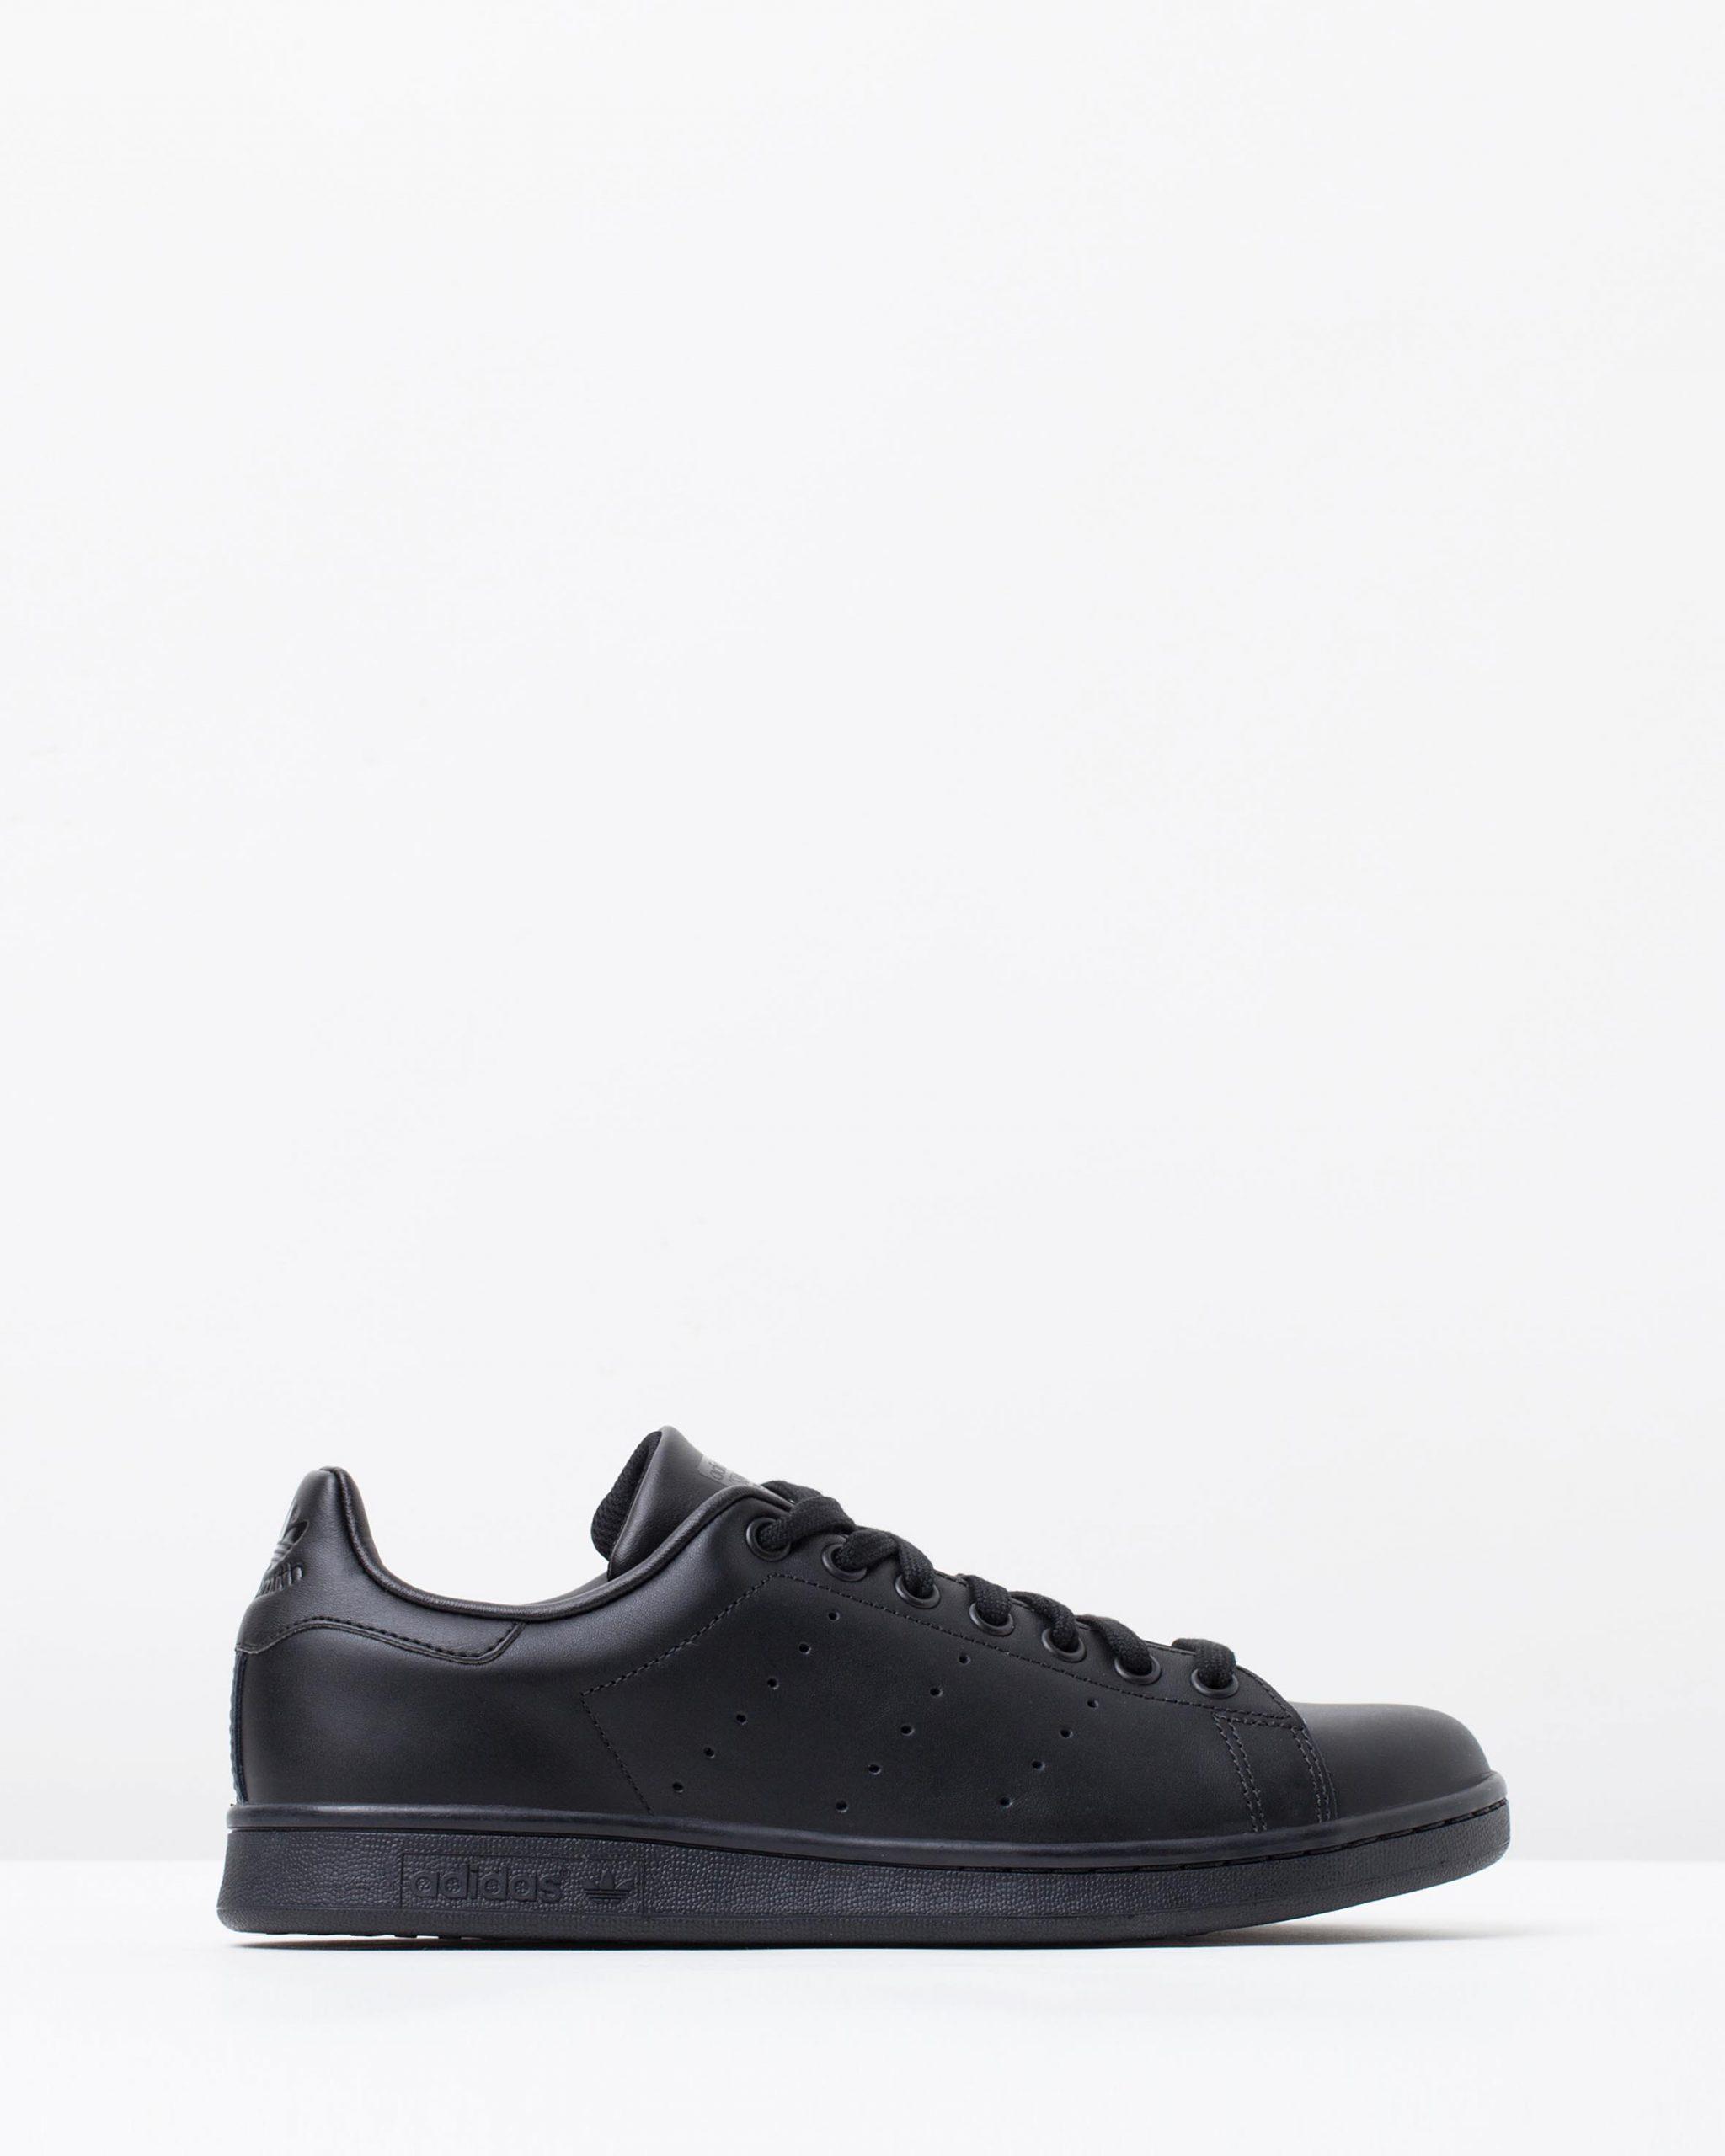 Adidas Men's Stan Smith Black